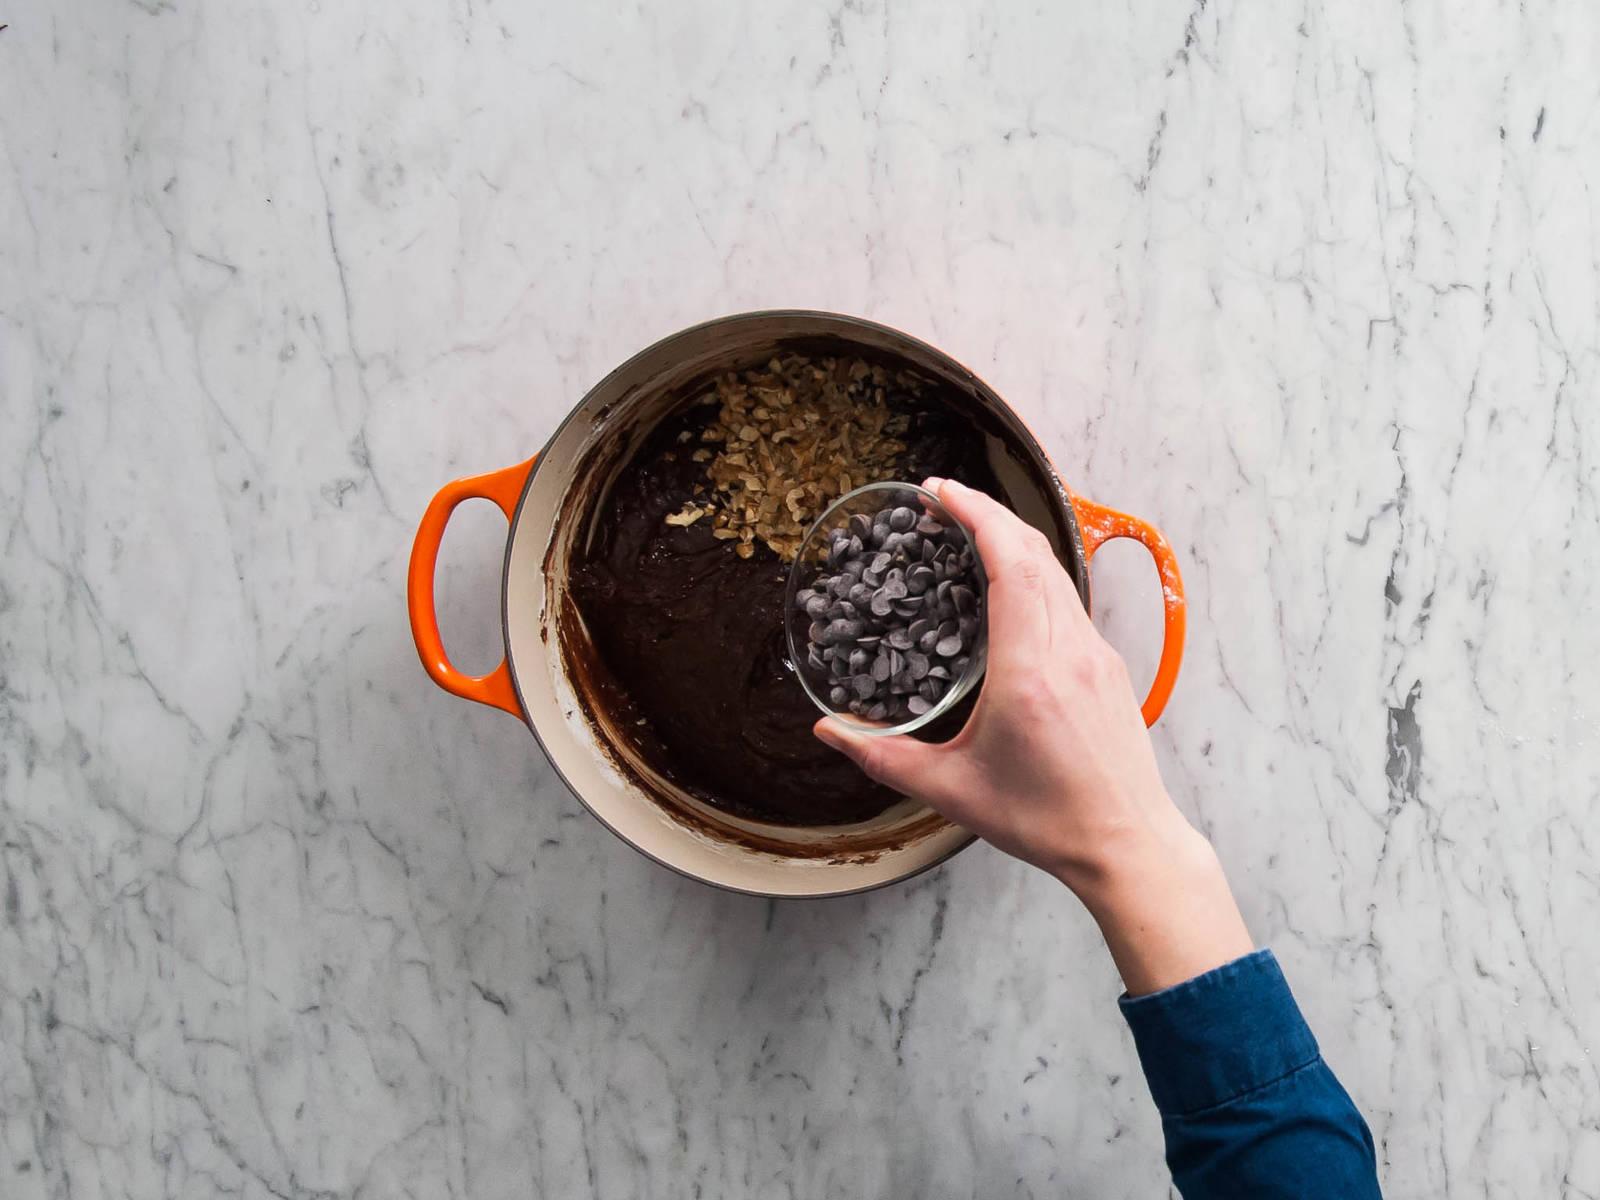 Eier einrühren. Mehl, Zucker, Vanilleextrakt und Backnatron unterrühren. Rühren bis ein glatter Teig entsteht. Die restlichen Mini Zartbitter-Schokoladendrops und die gehackten Nüsse unterrühren.